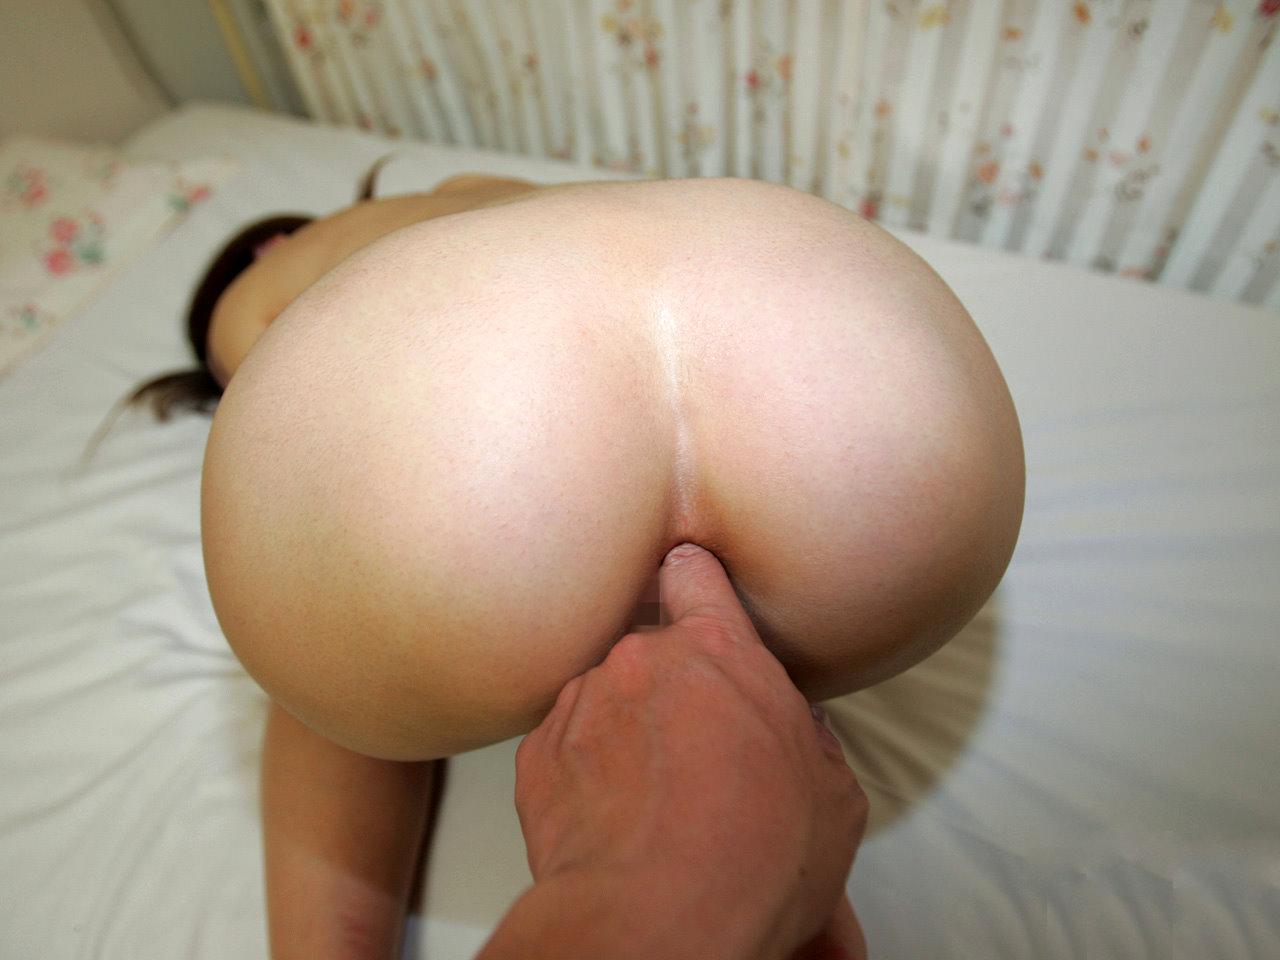 女の肛門の穴に指を突っ込んでみたwww アナルフィンガー画像 32